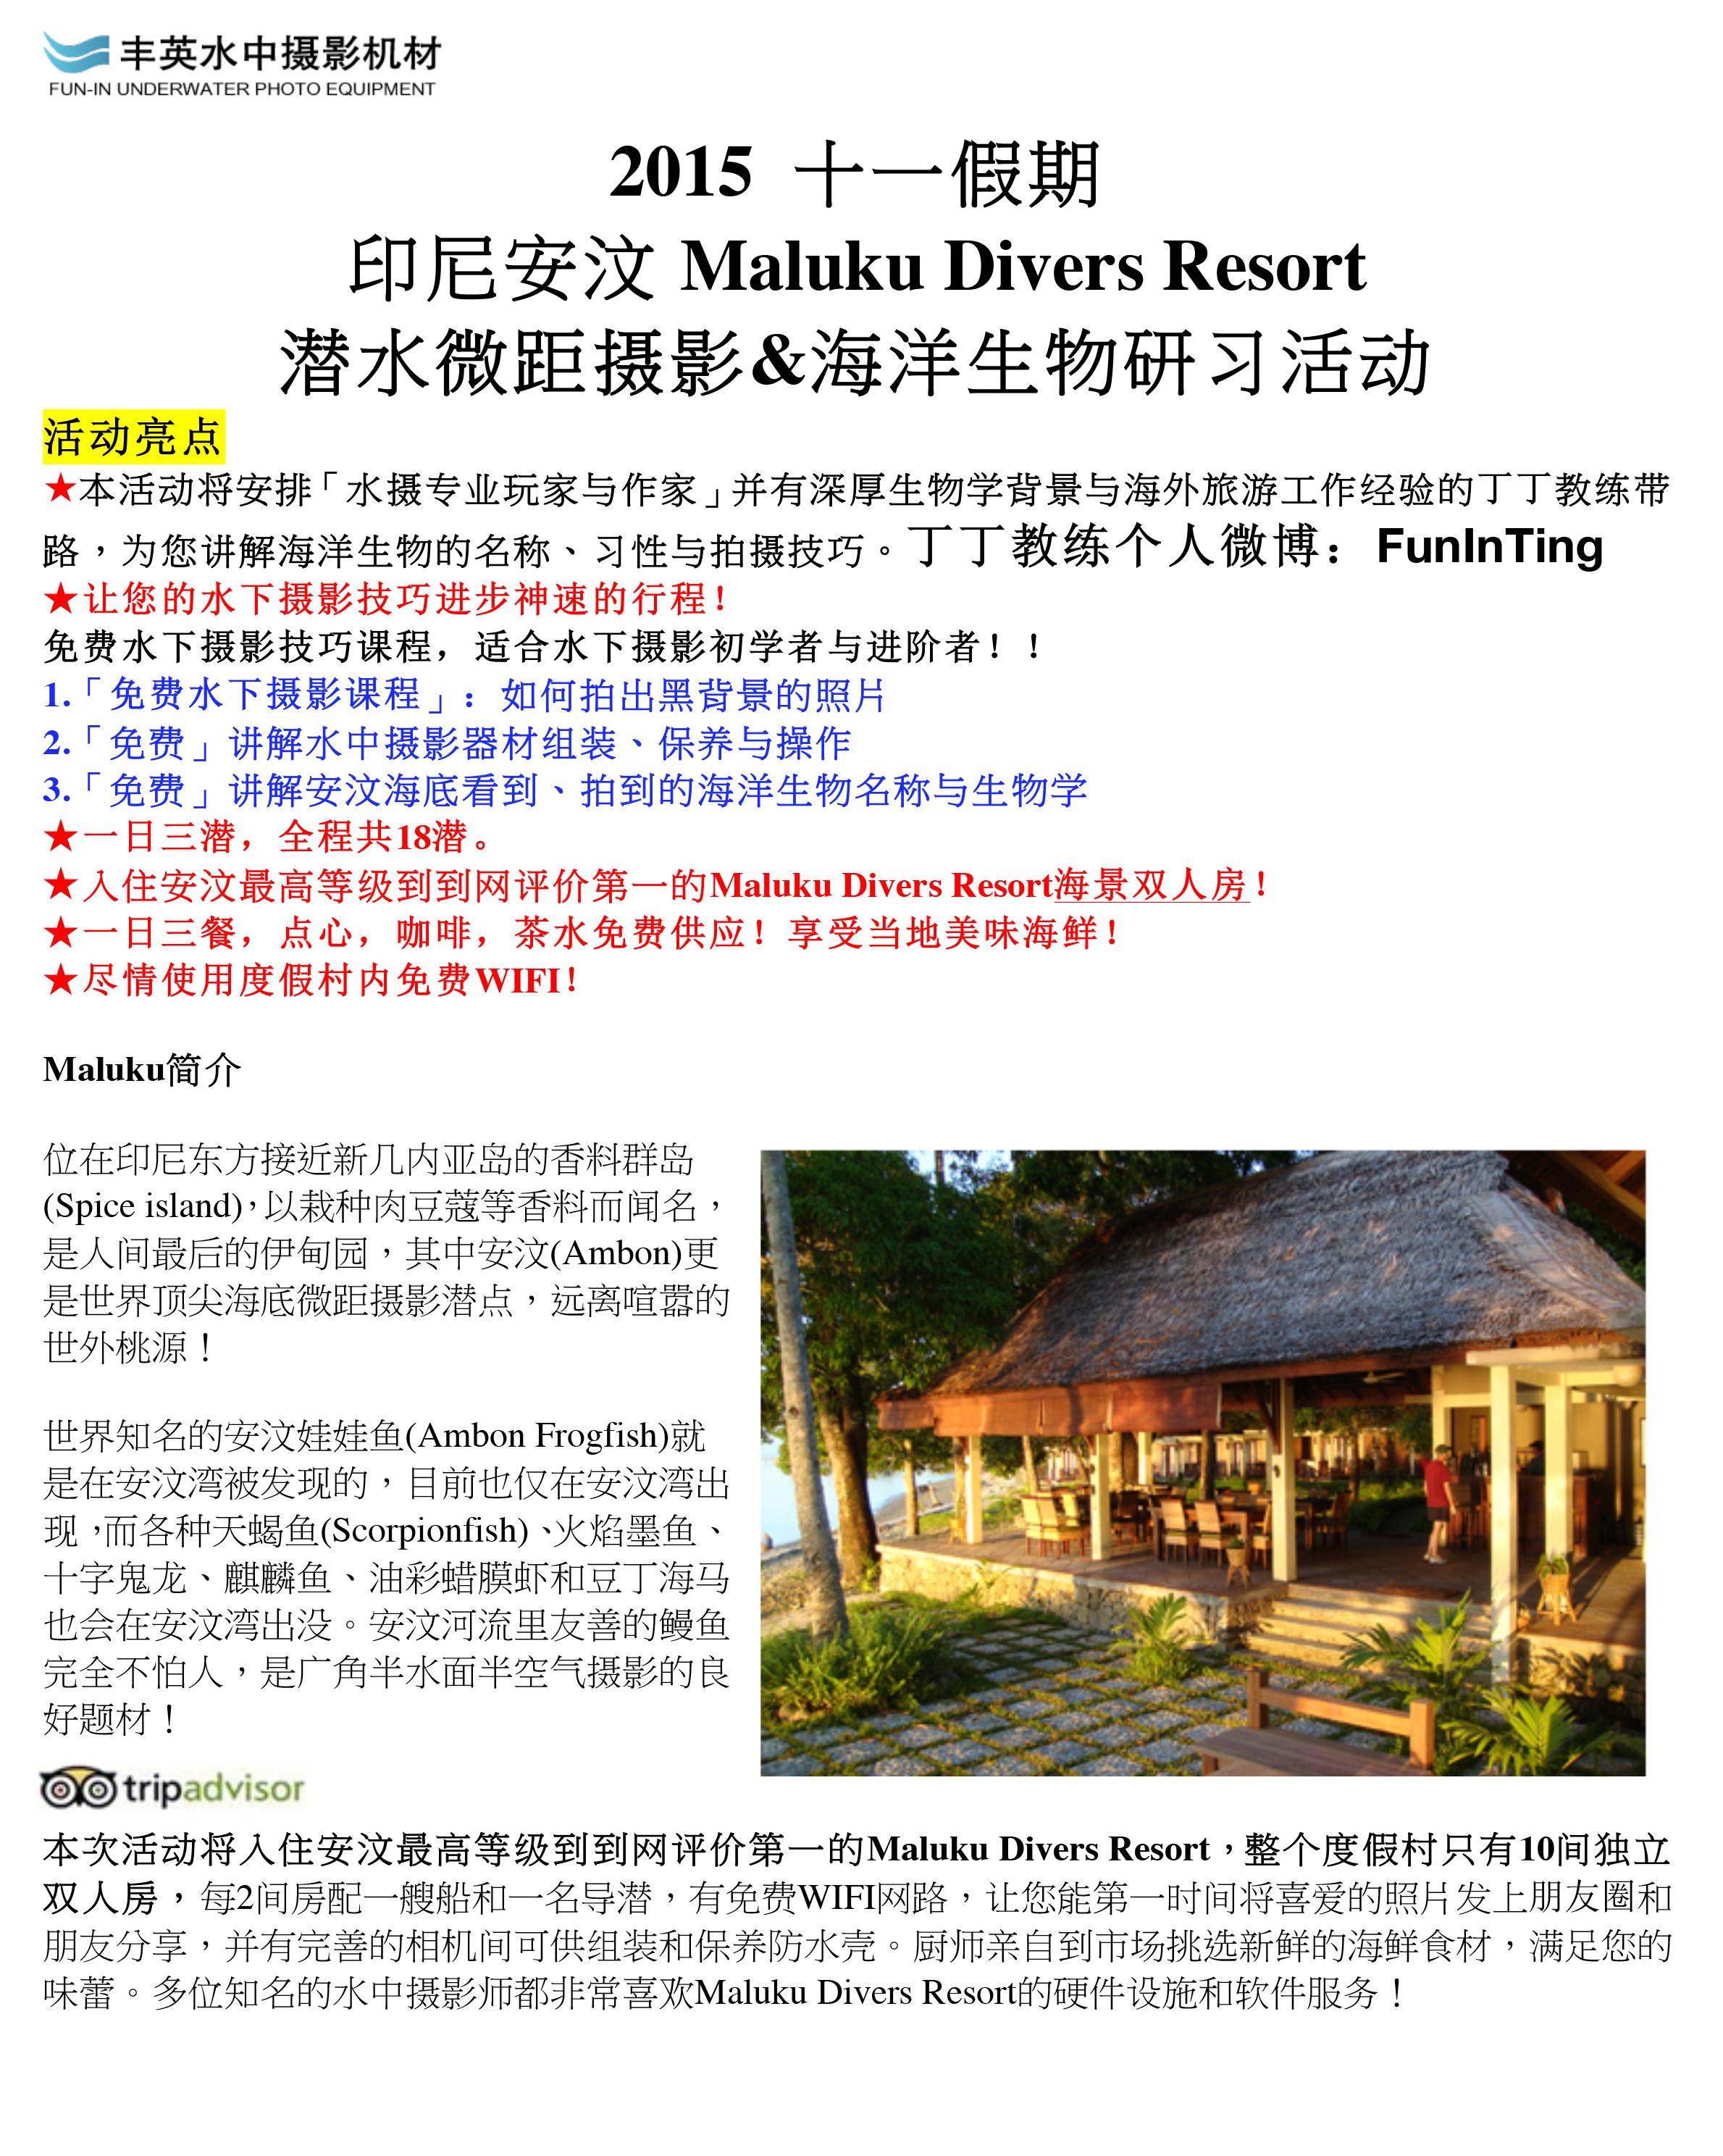 Microsoft Word - 2015_DRT_Maluku.docx